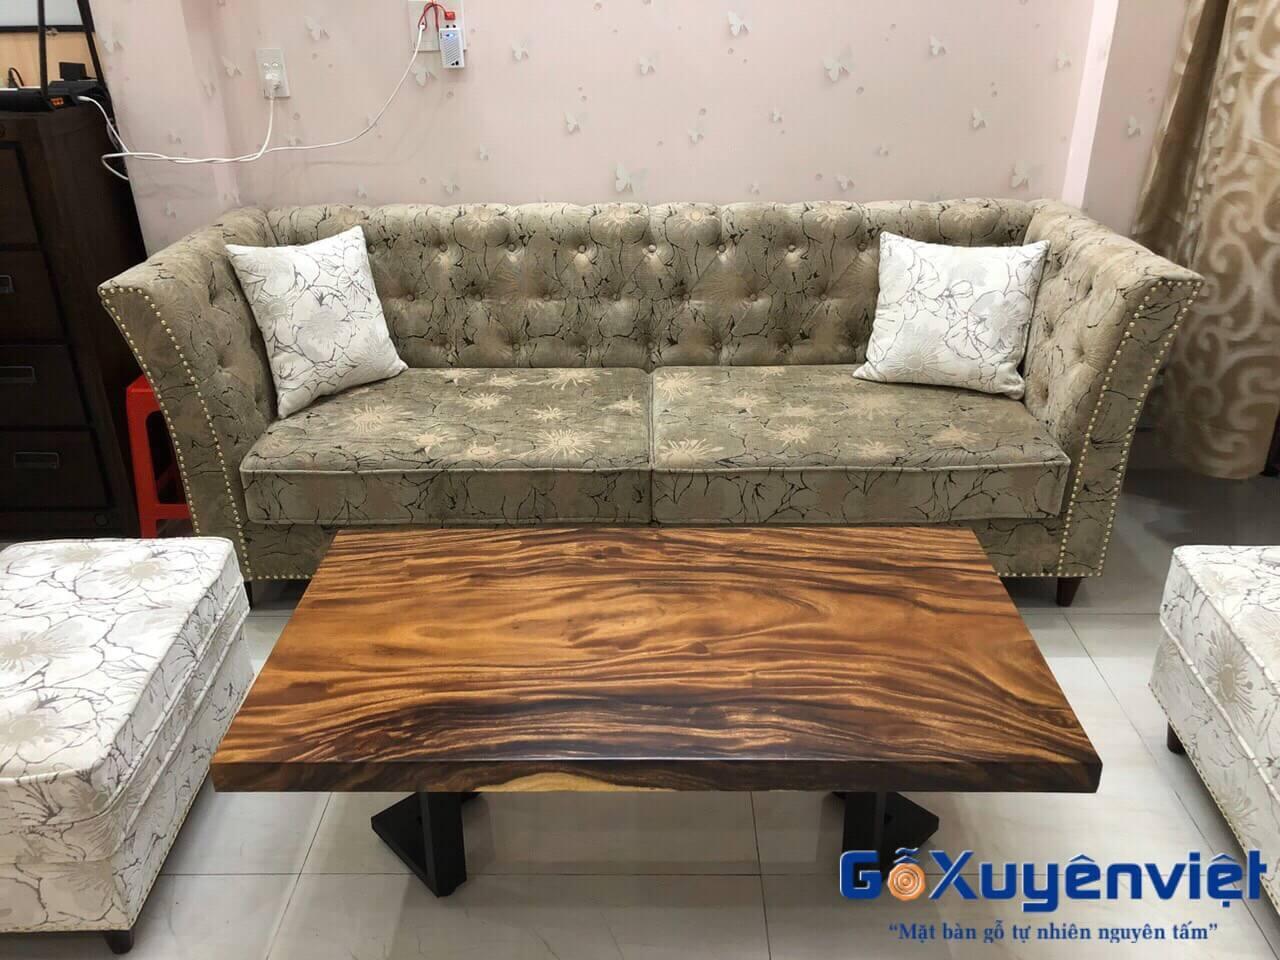 Bộ bàn ghế gỗ me tây